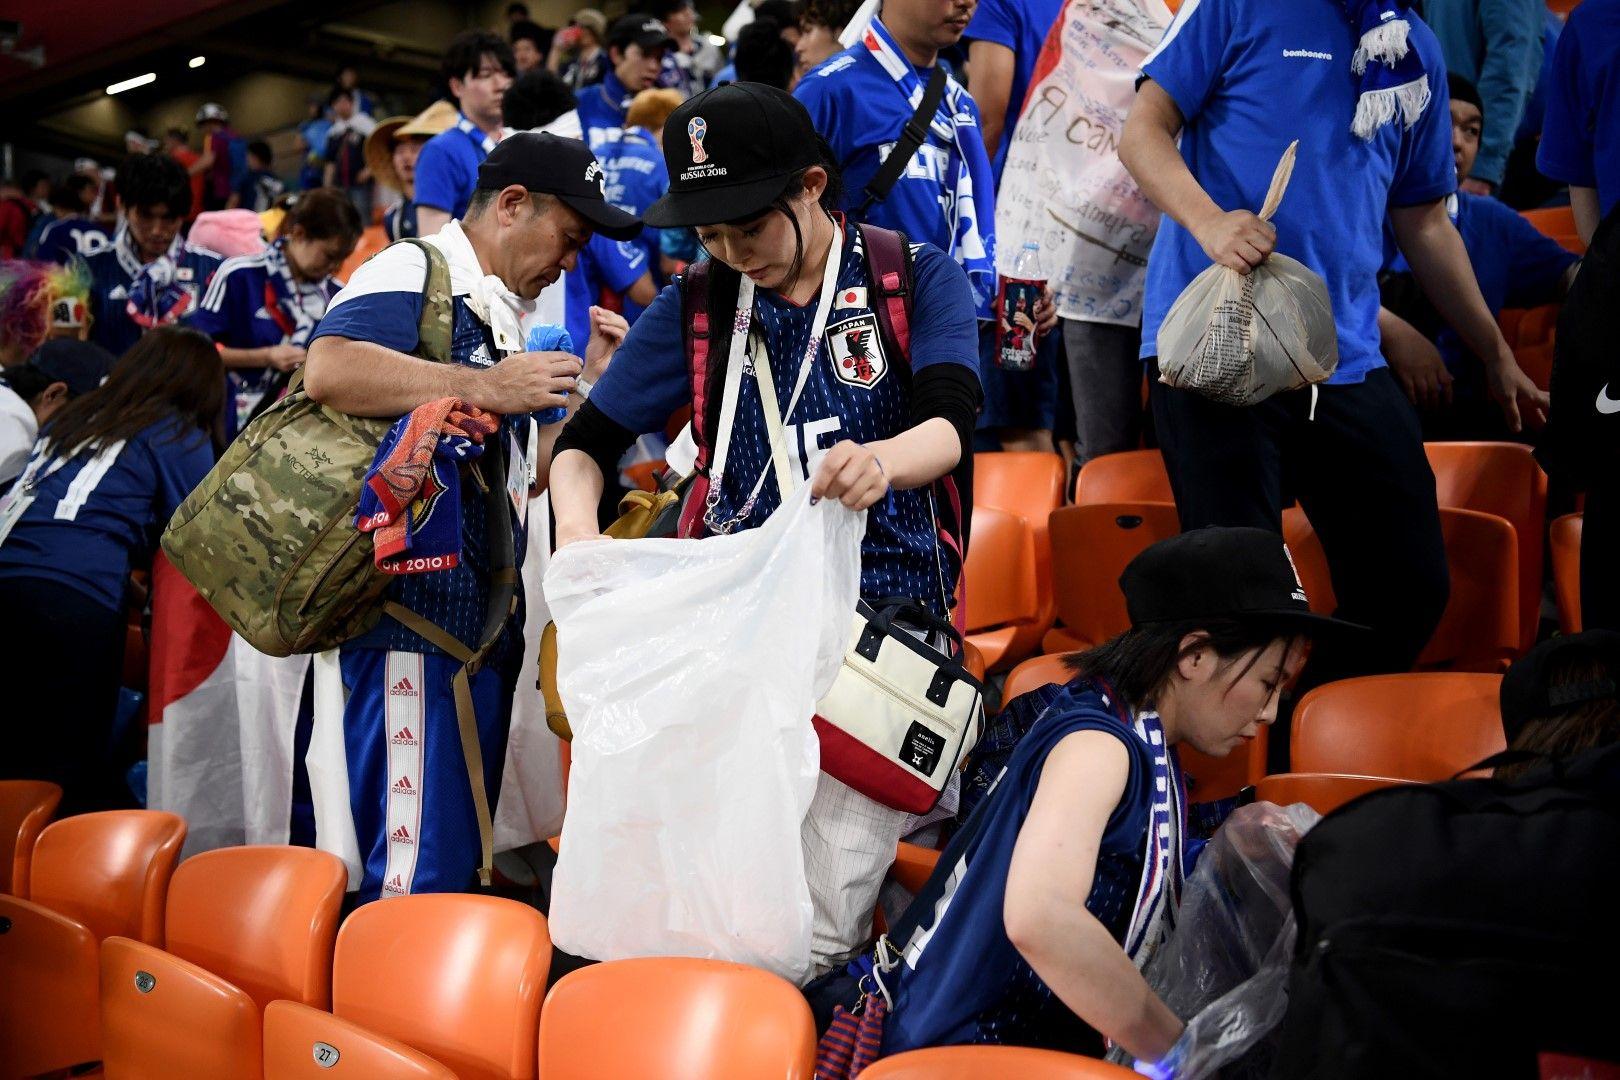 Японските фенове си почистват трибуните след мачовете в Русия. Страхотни! Пример за подражание.